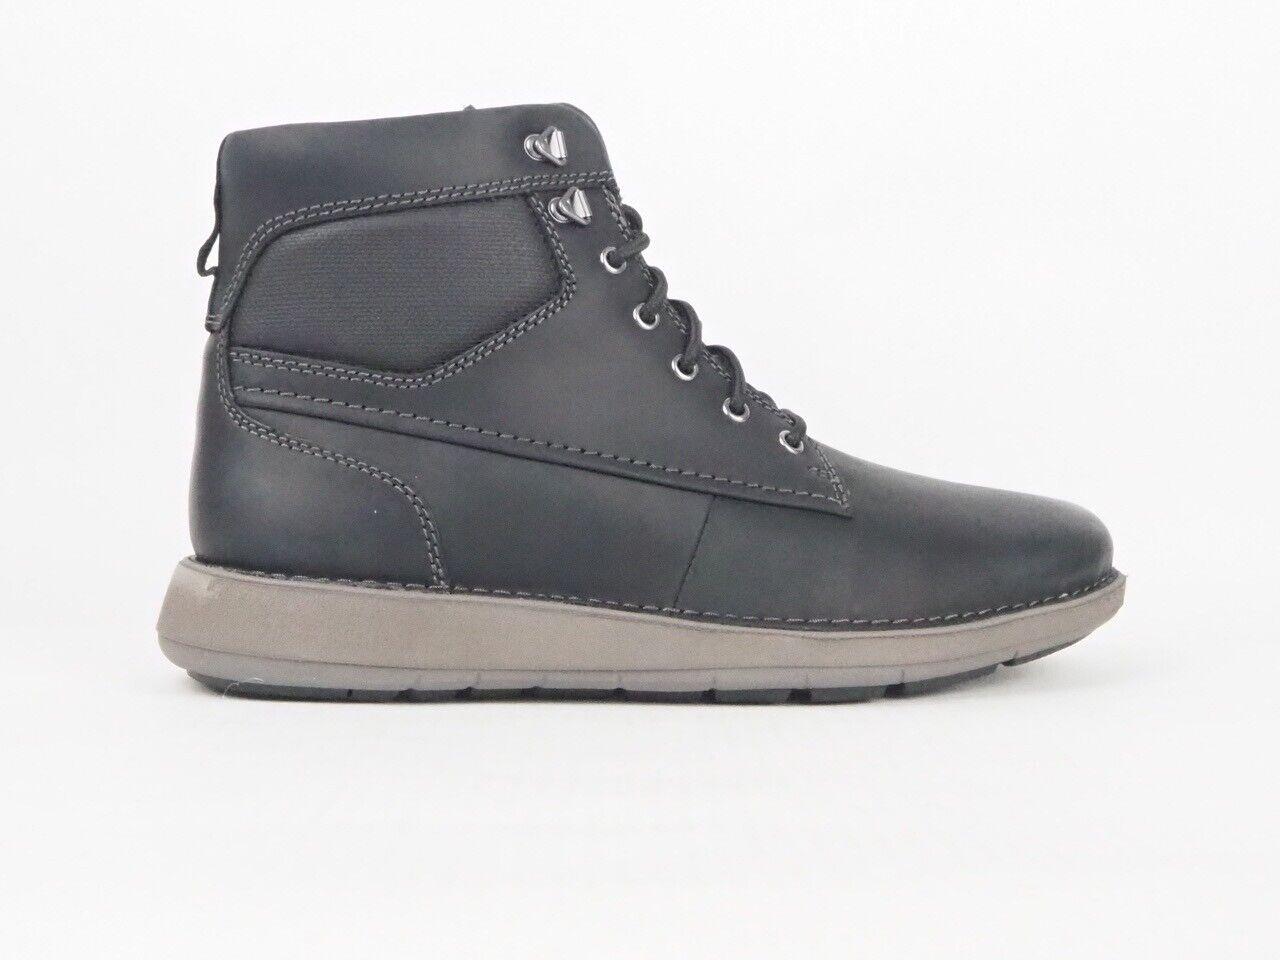 Mens Clarks Unstructured 11826 Un Larvik Peak Black Leather Lace Up Boots